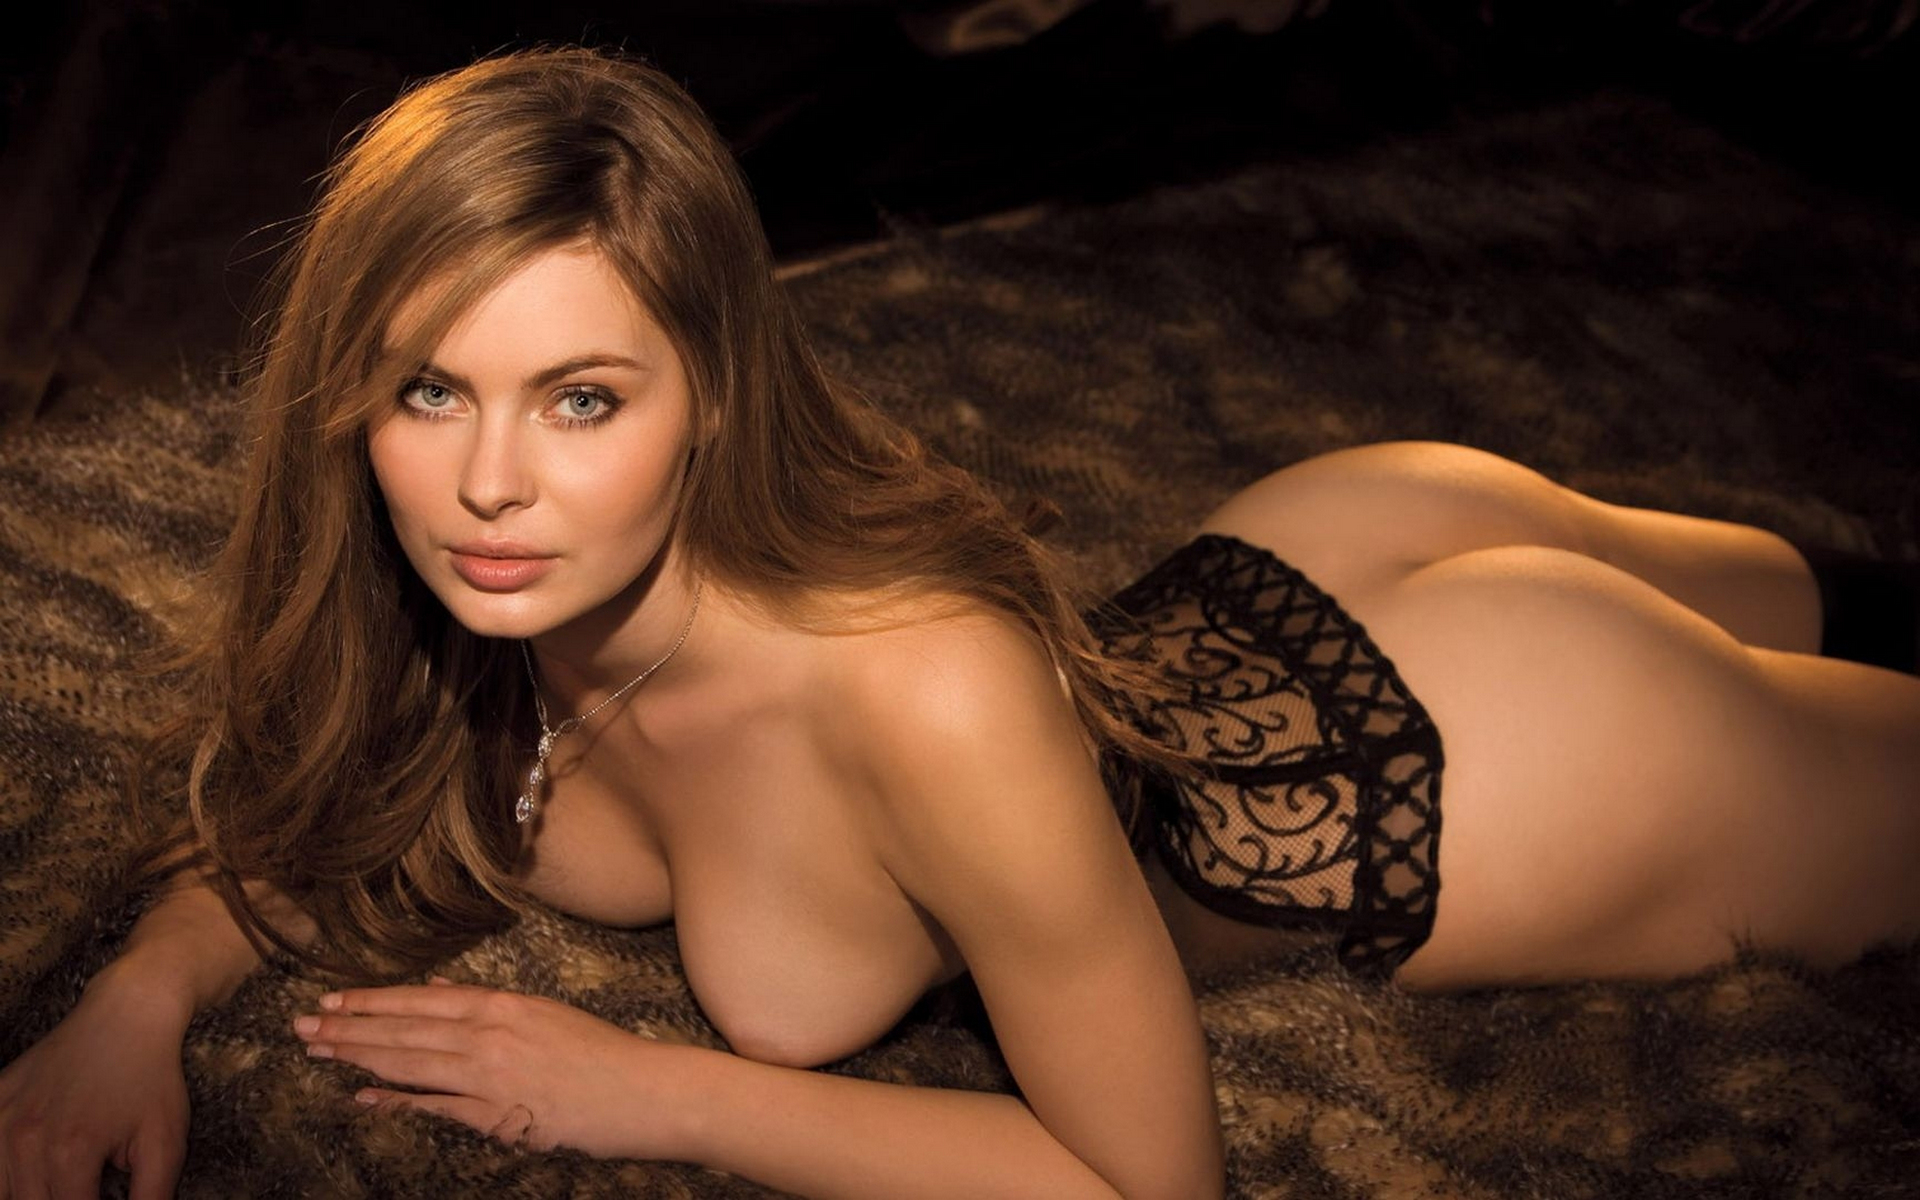 Фото сексуальной лоя, Голая певица Лоя, эротические фото в журнале xxl 25 фотография